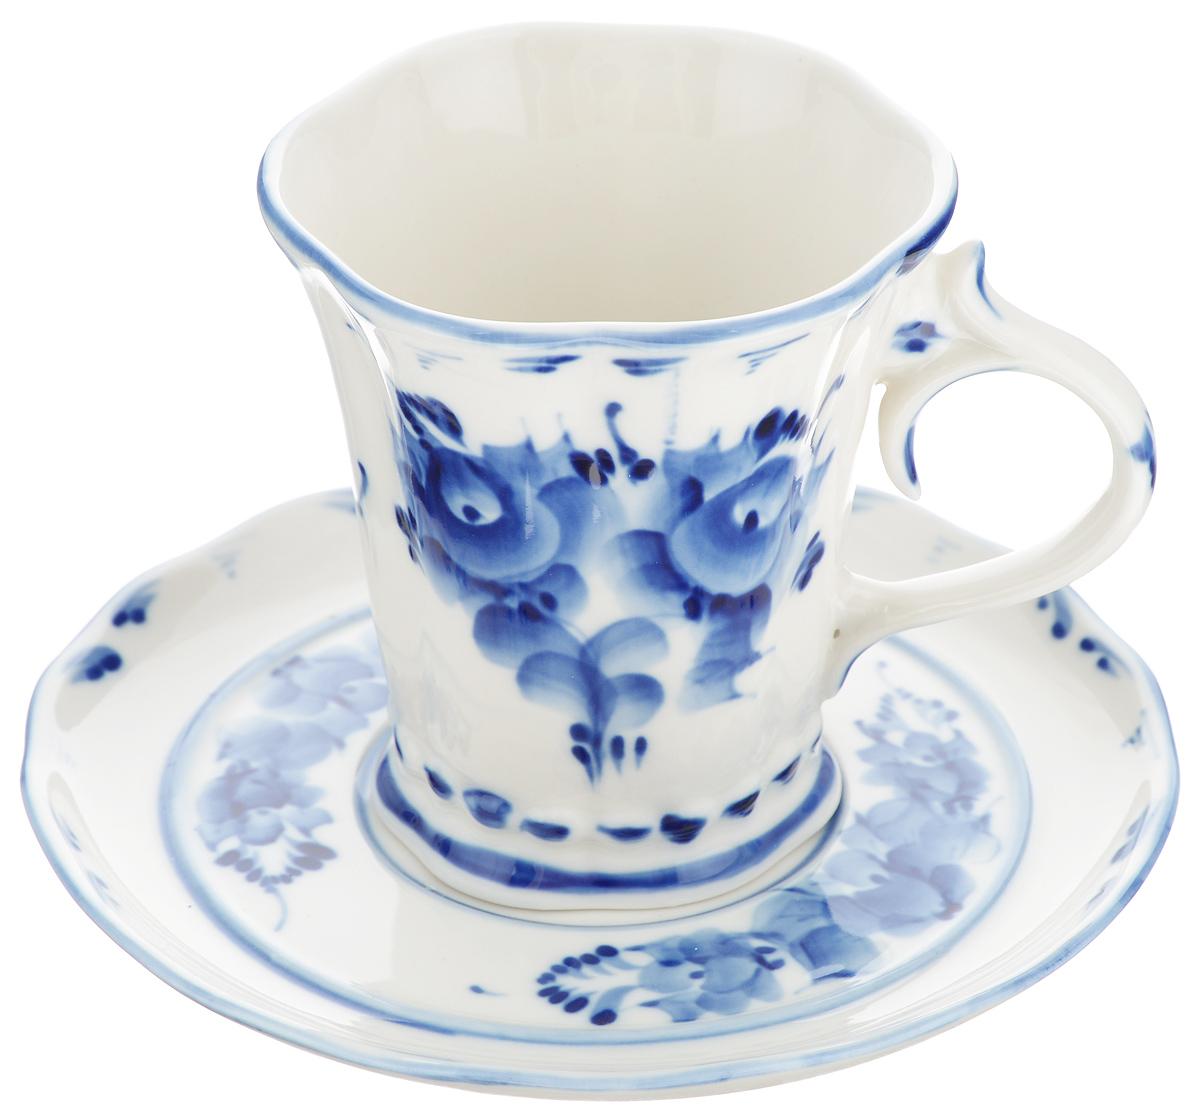 Чайная пара Катерина, цвет: белый, синий, 2 предмета. 993010112993010112Чайная пара Катерина состоит из чашки и блюдца, изготовленных из фарфора белого цвета, расписанного вручную. Яркий дизайн, несомненно, придется вам по вкусу.Чайная пара Катерина украсит ваш кухонный стол, а также станет замечательным подарком к любому празднику.Не применять абразивные чистящие средства. Не использовать в микроволновой печи. Мыть с применением нейтральных моющих средств. Не рекомендуется использовать в посудомоечных машинах.Объем чашки: 250 мл.Диаметр чашки по верхнему краю: 8,5 см.Диаметр основания: 6 см.Высота чашки: 9,5 см.Диаметр блюдца: 15 см.